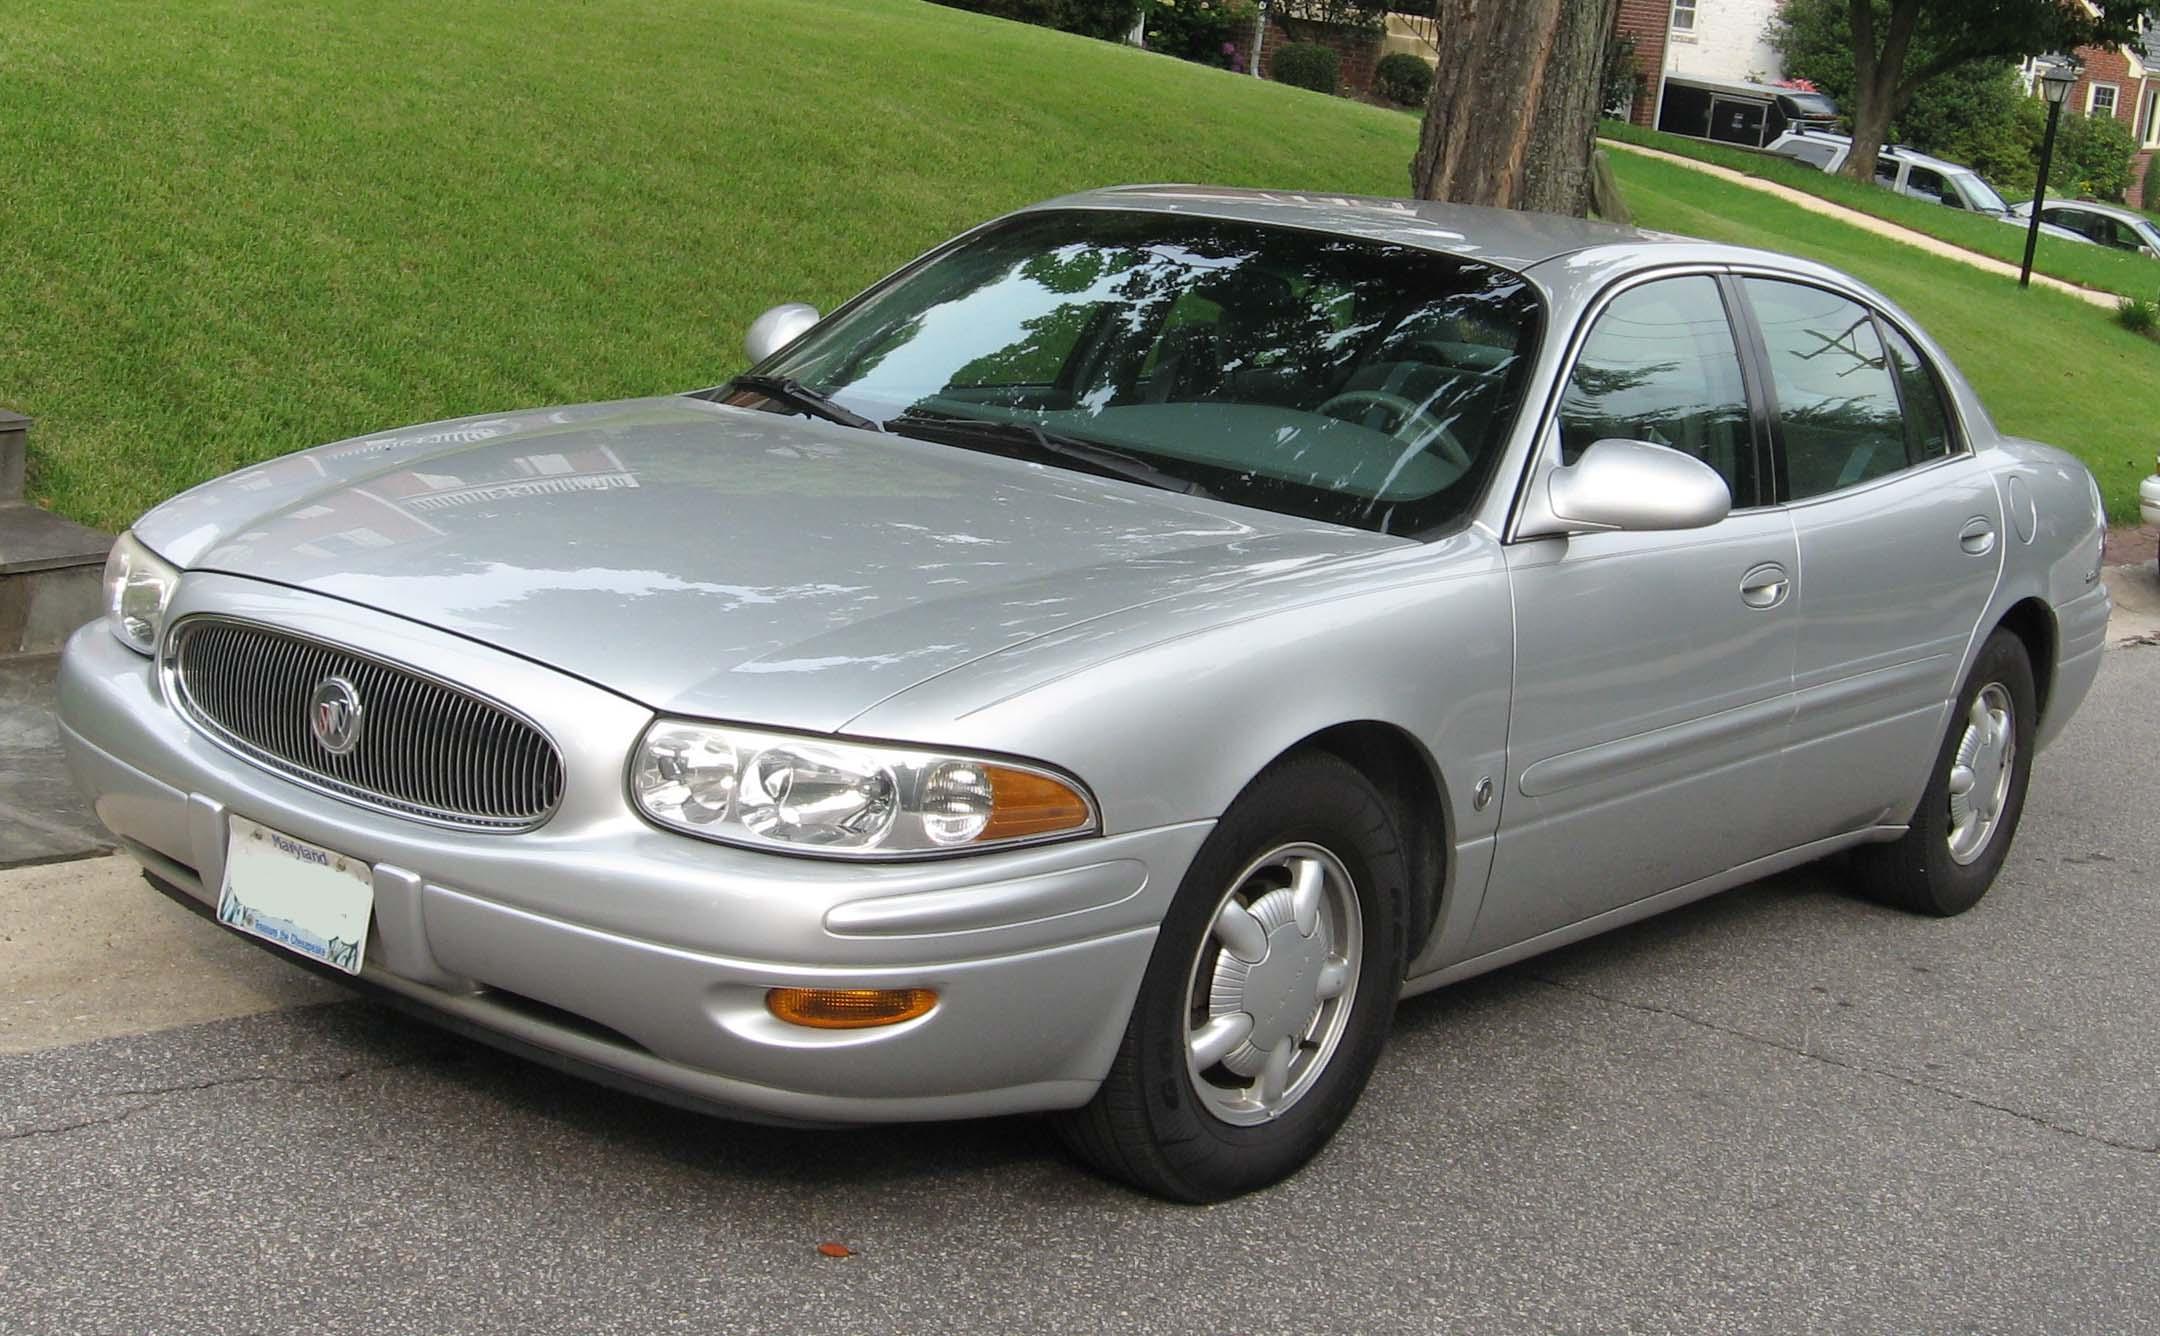 Buick LeSabre